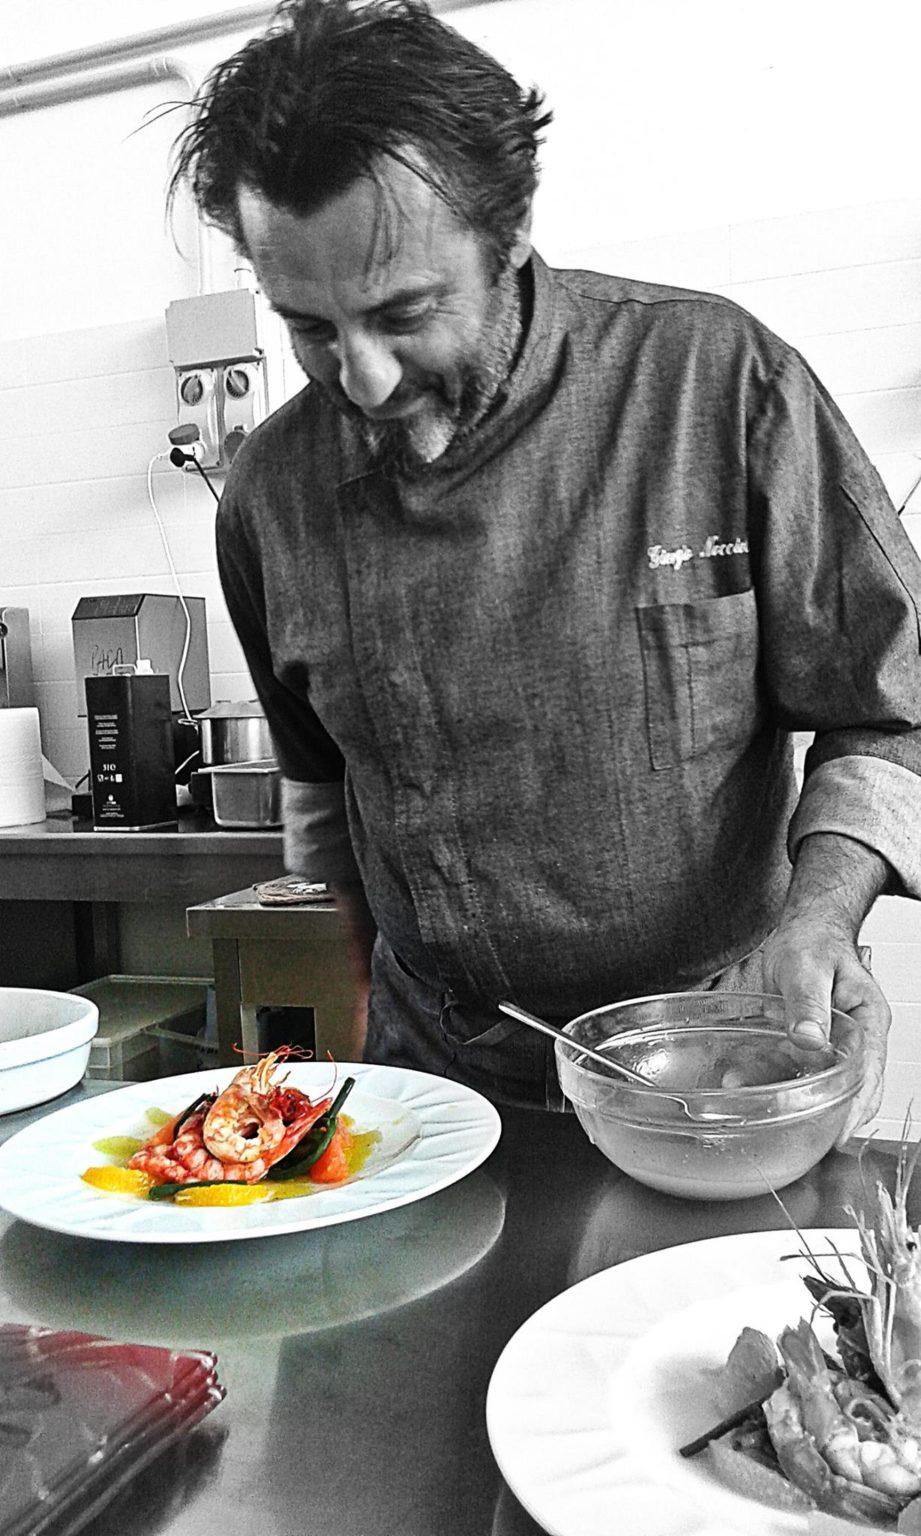 Giorgio Nocciolini Catering & Banqueting Suvereto - 1/0